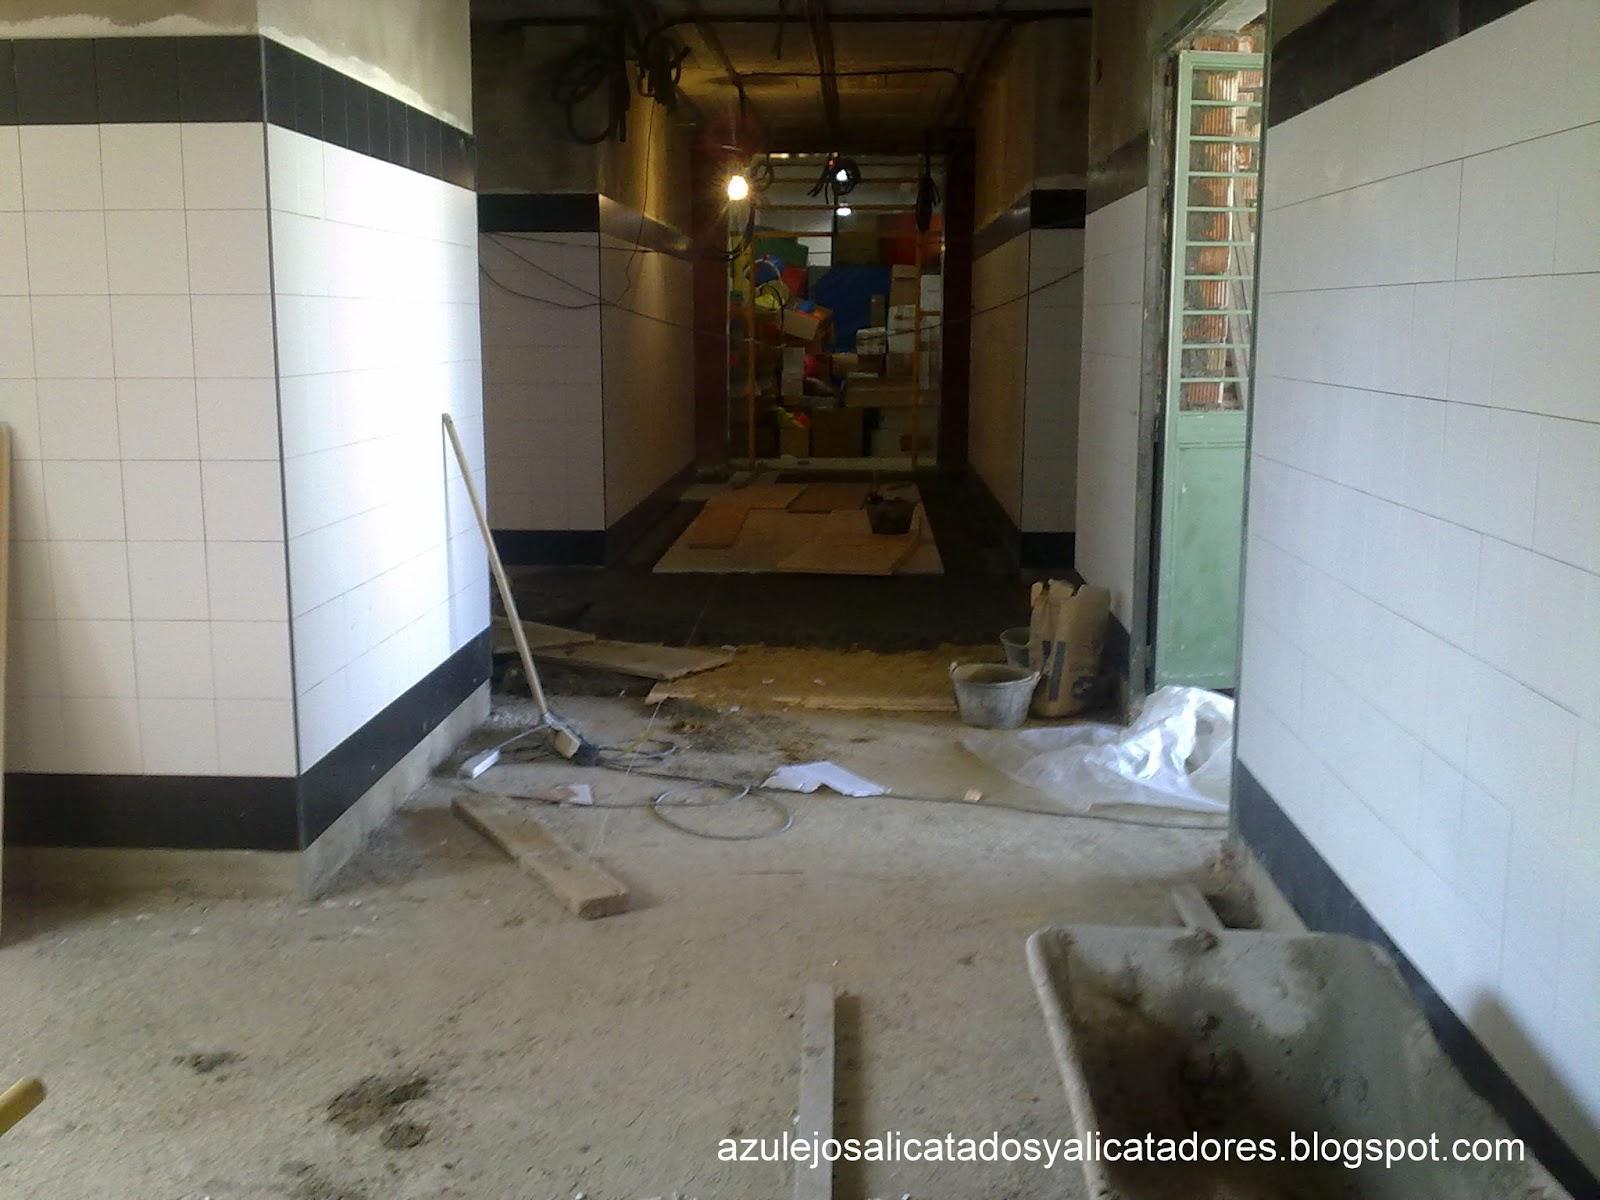 Azulejos Baño Huelva:Mientras trabajamos en los baños se procede a colocar la solería de